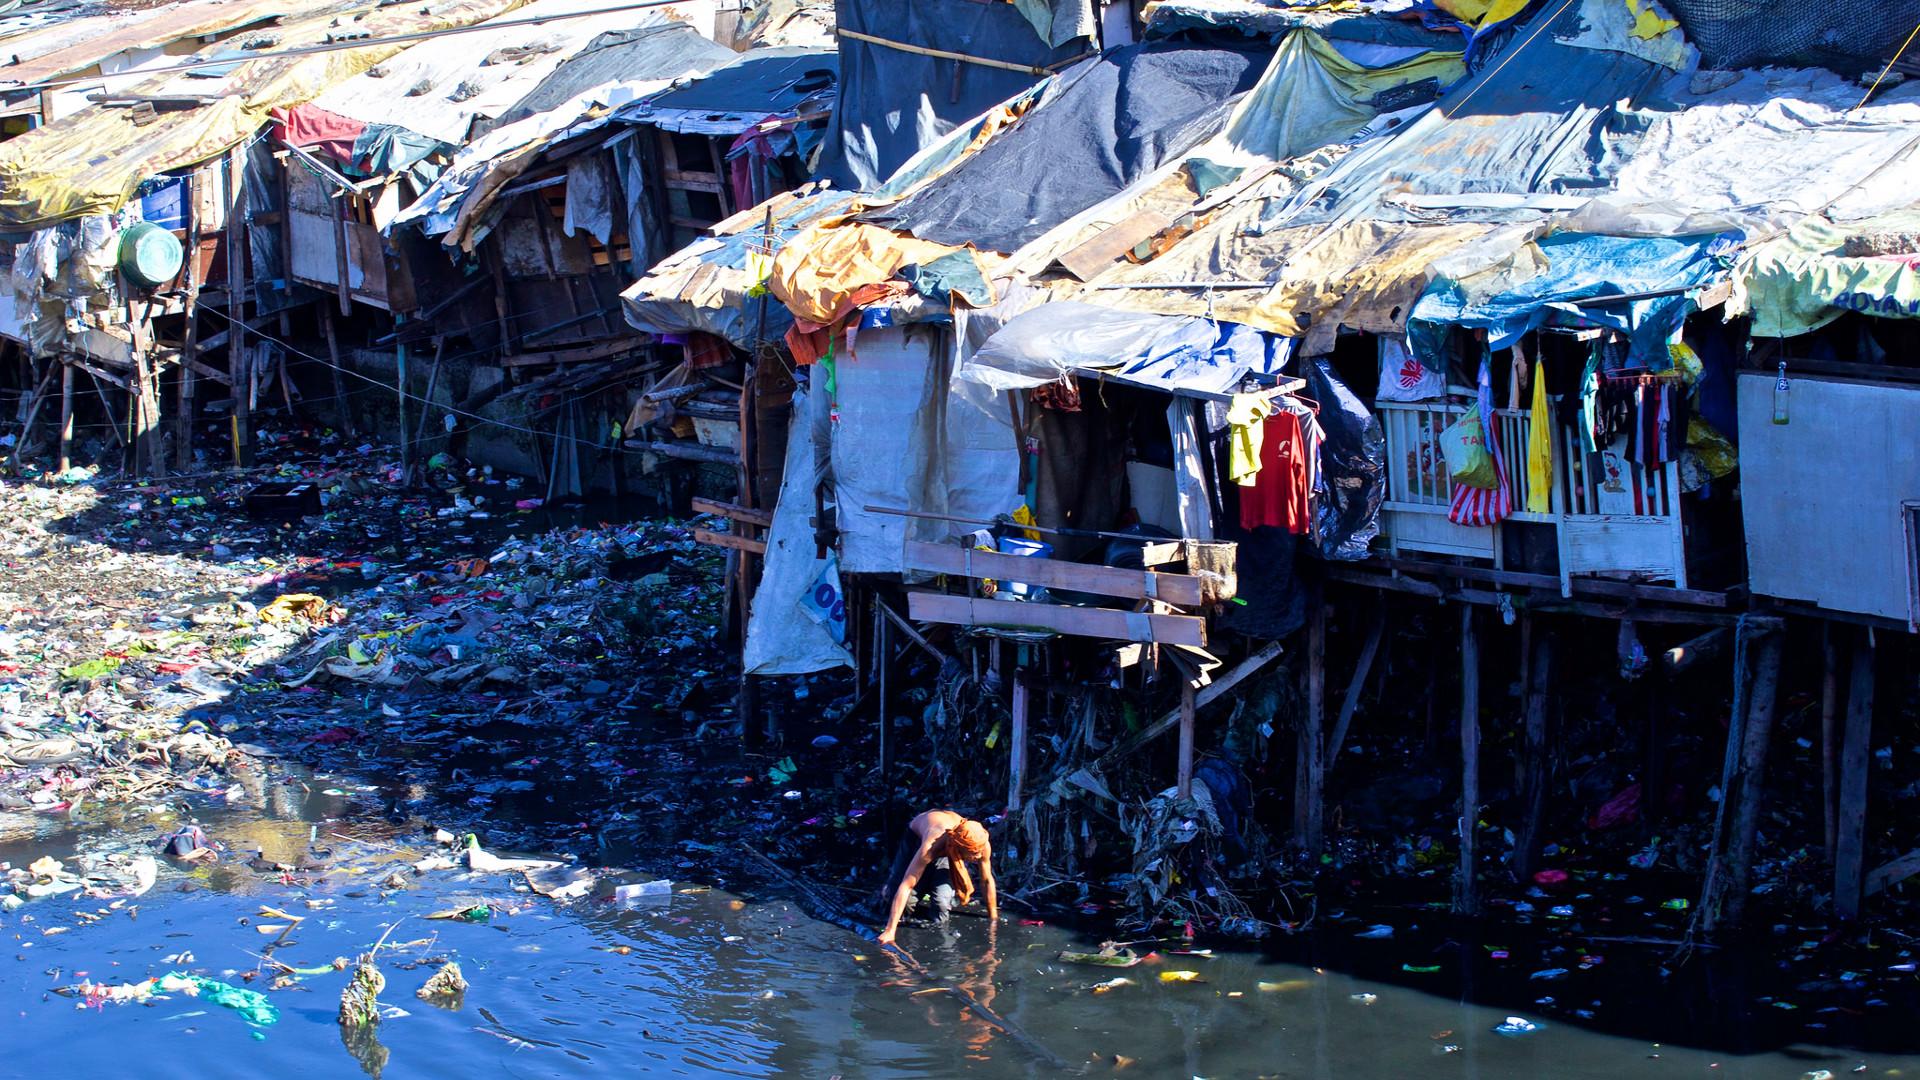 poverty india shanty